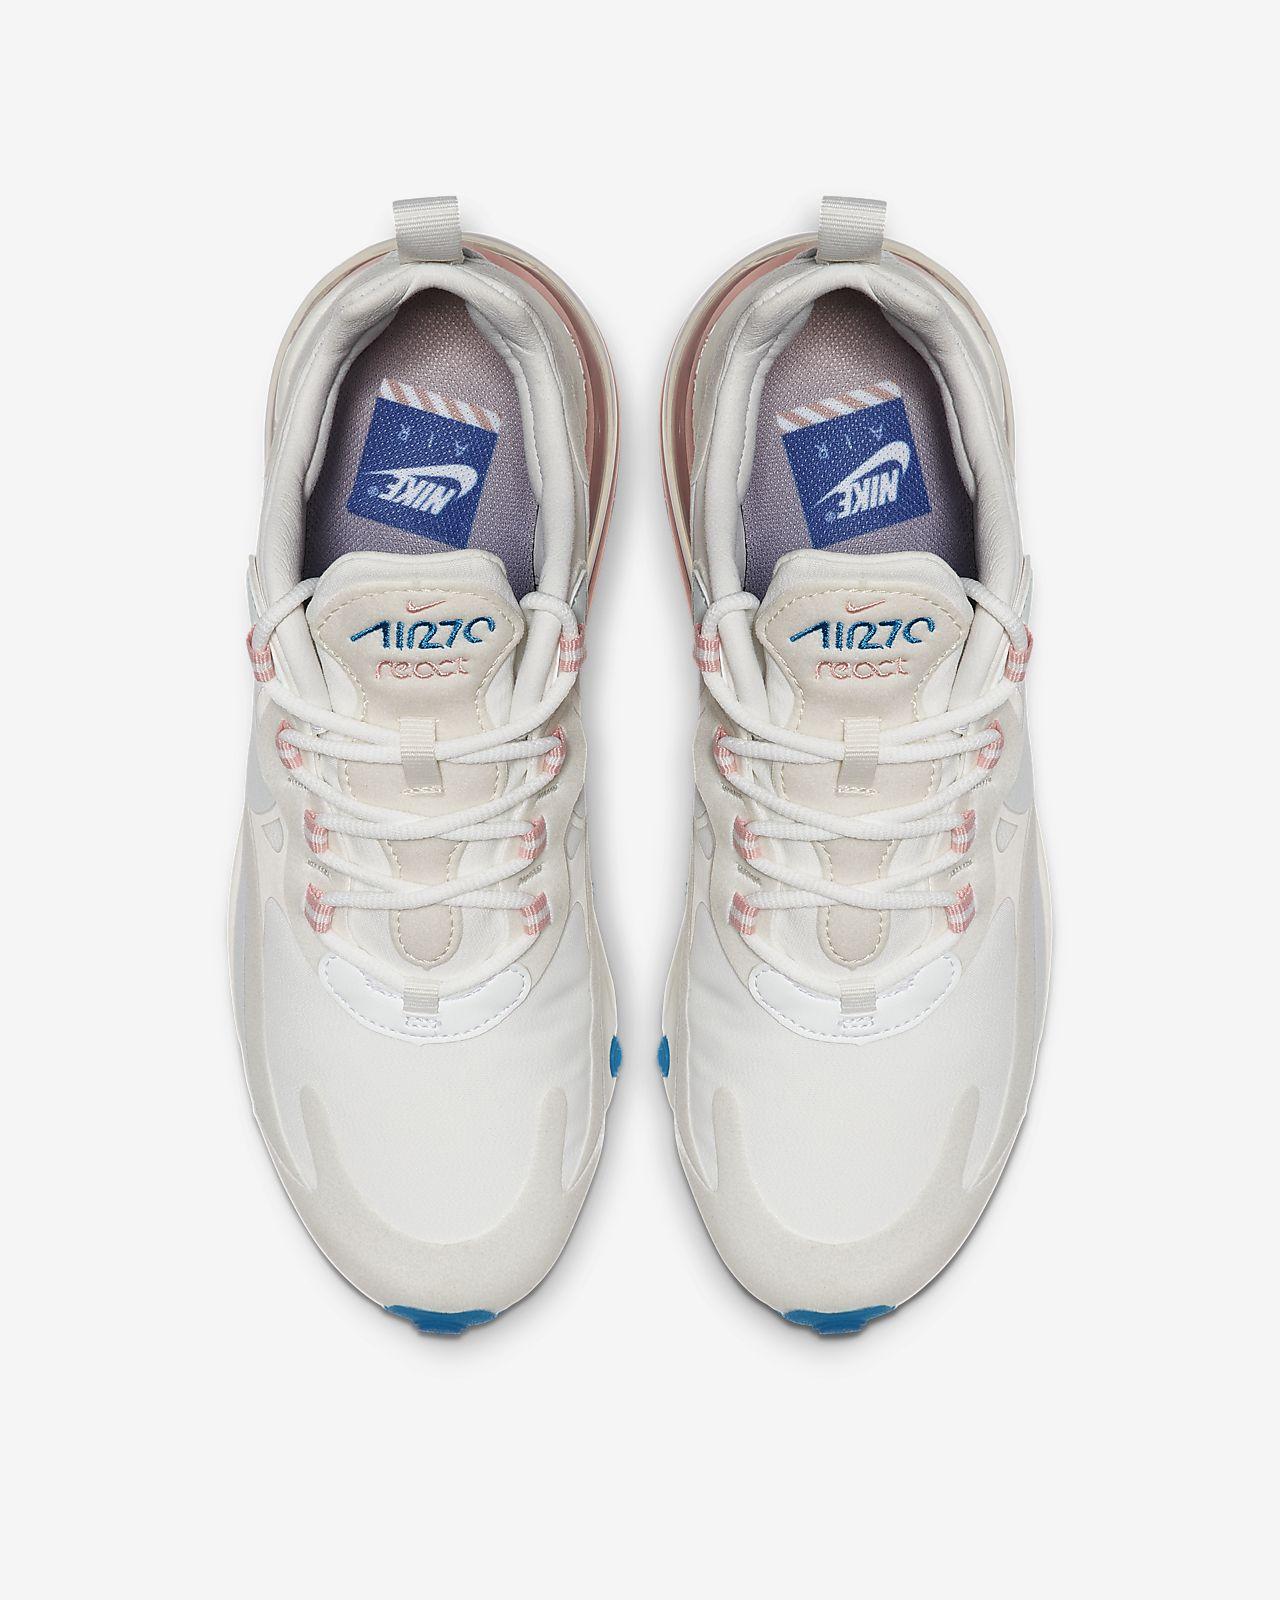 2c59453a1273 Chaussure Nike Air Max 270 React (American Modern) pour Femme. Nike ...